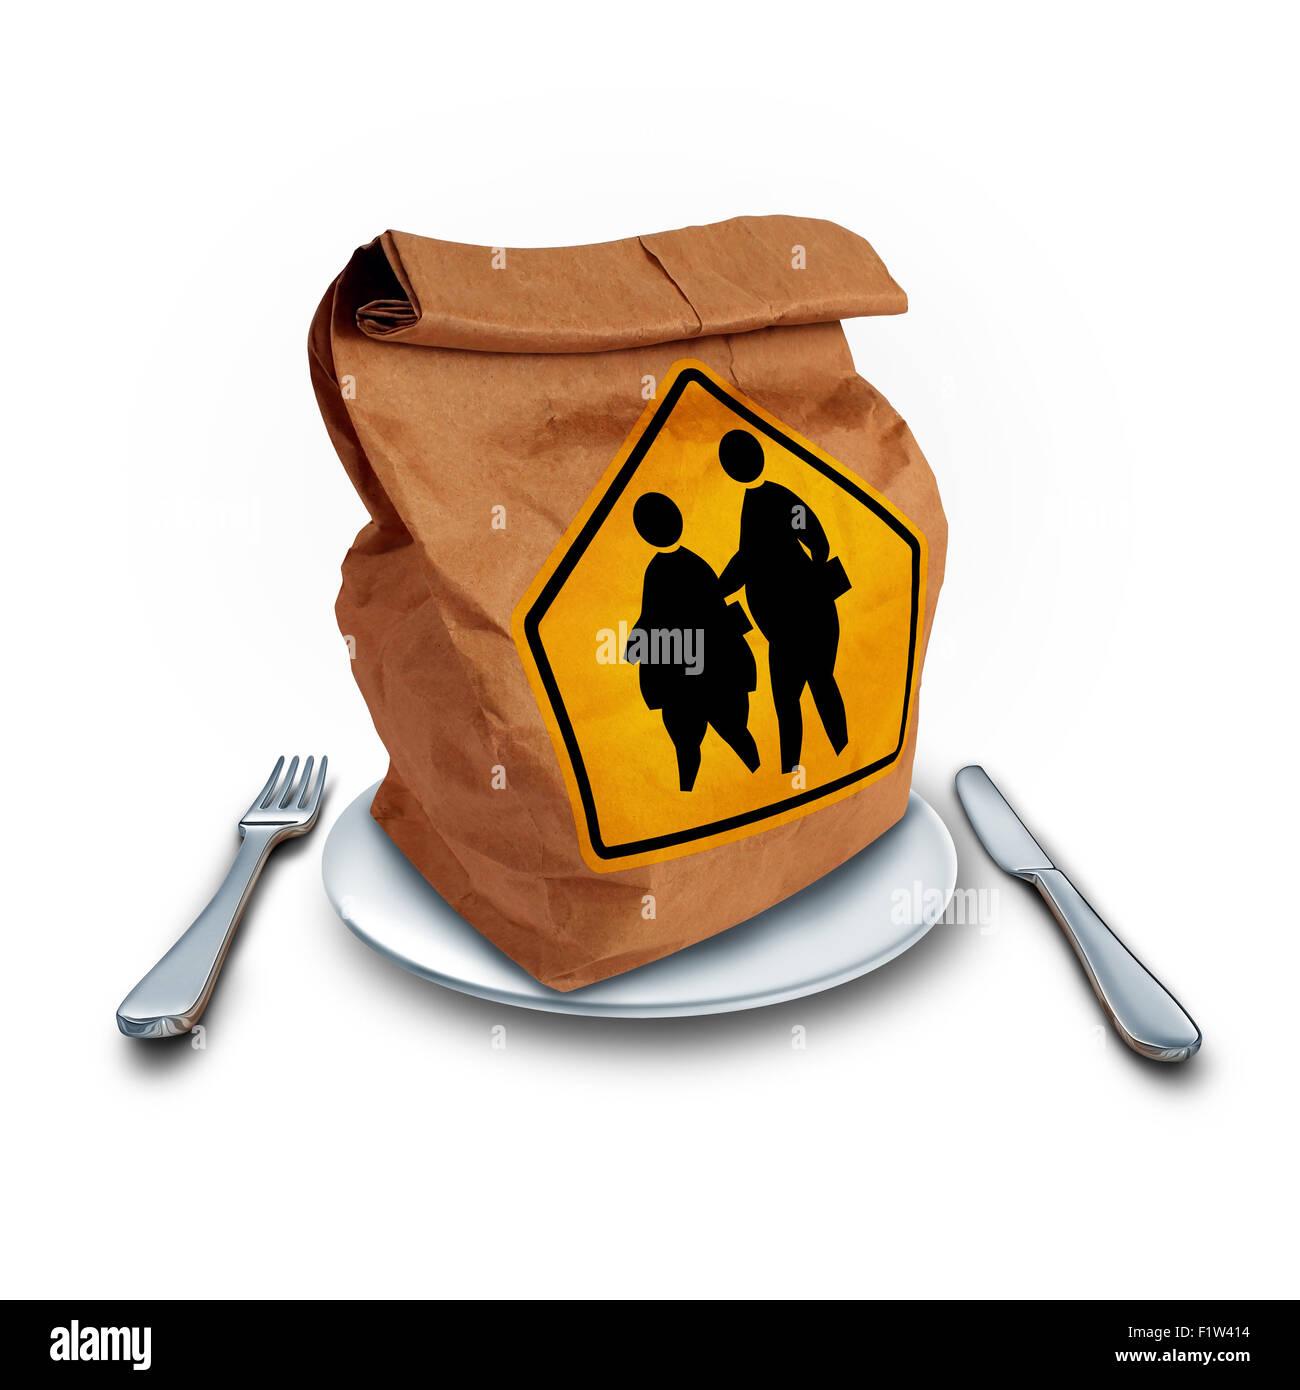 Problema de obesidad escolar y niños almuerzo dieta problema social como una crisis nutricional concepto como Imagen De Stock